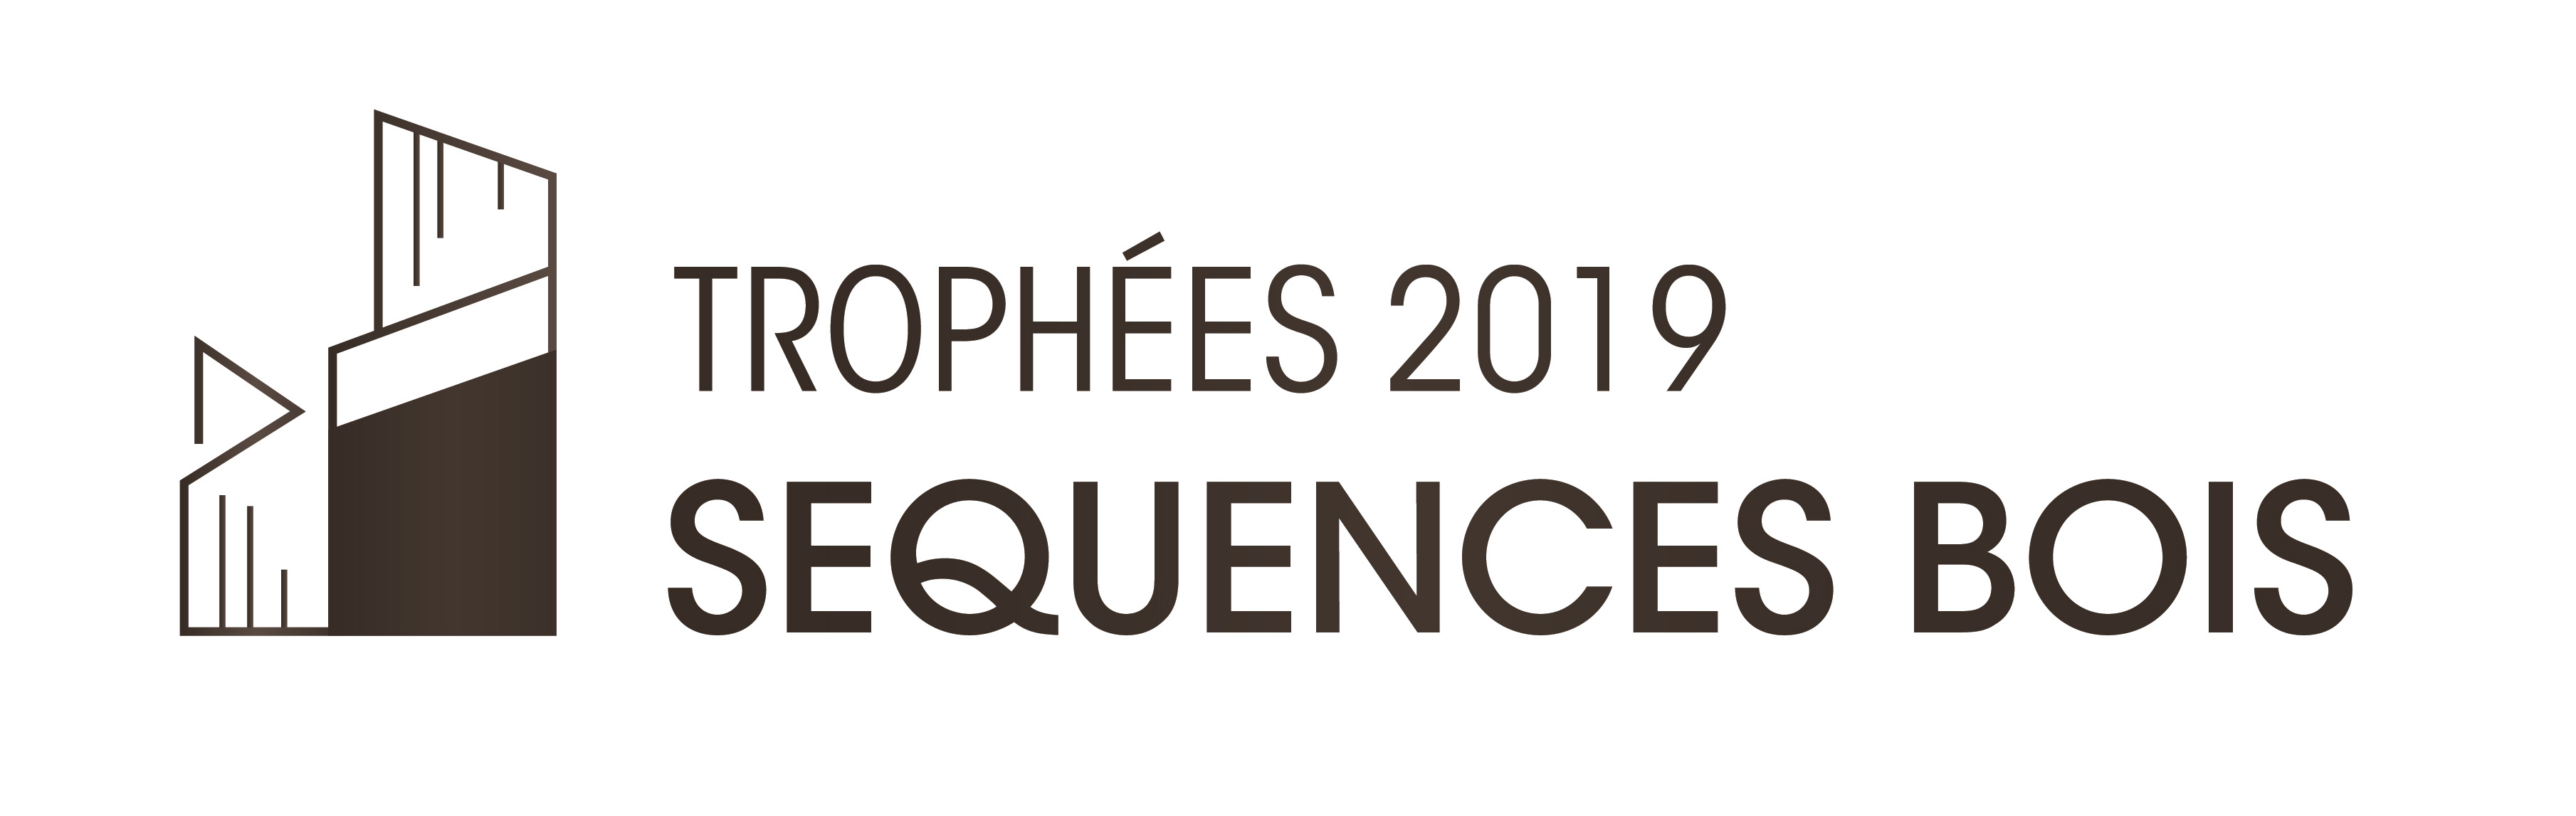 Trophées Séquences Bois 2019